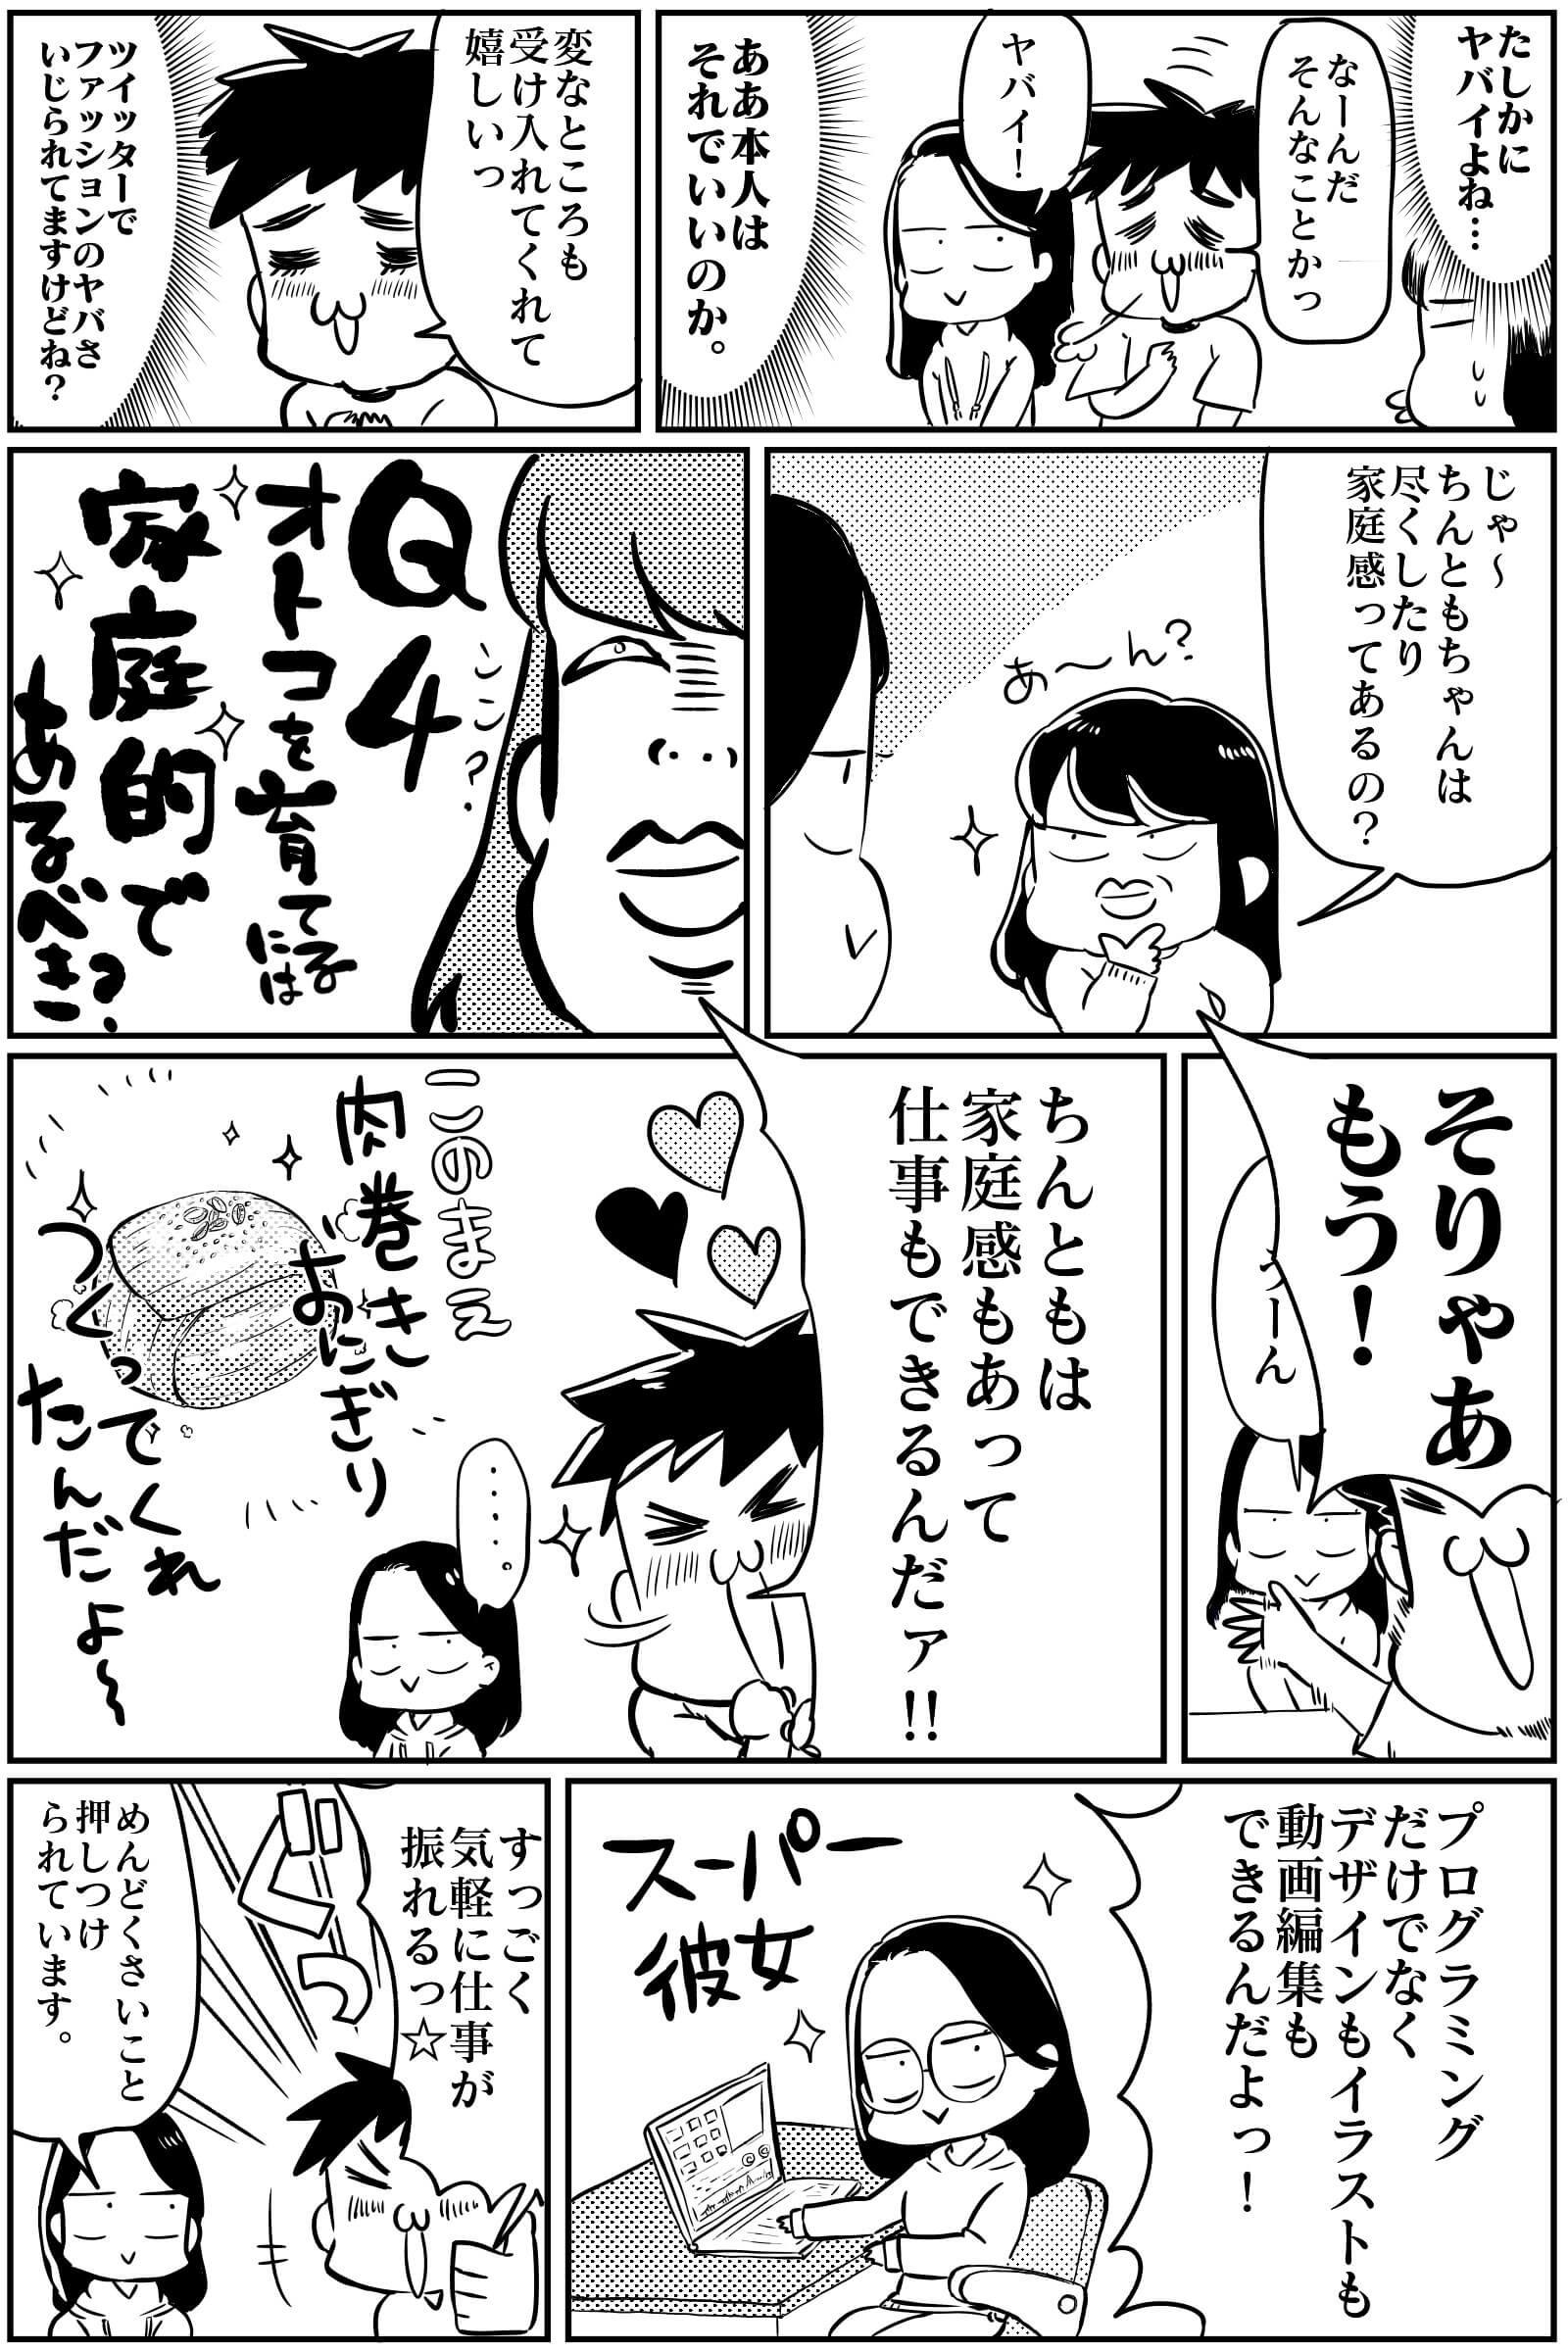 迫君漫画8